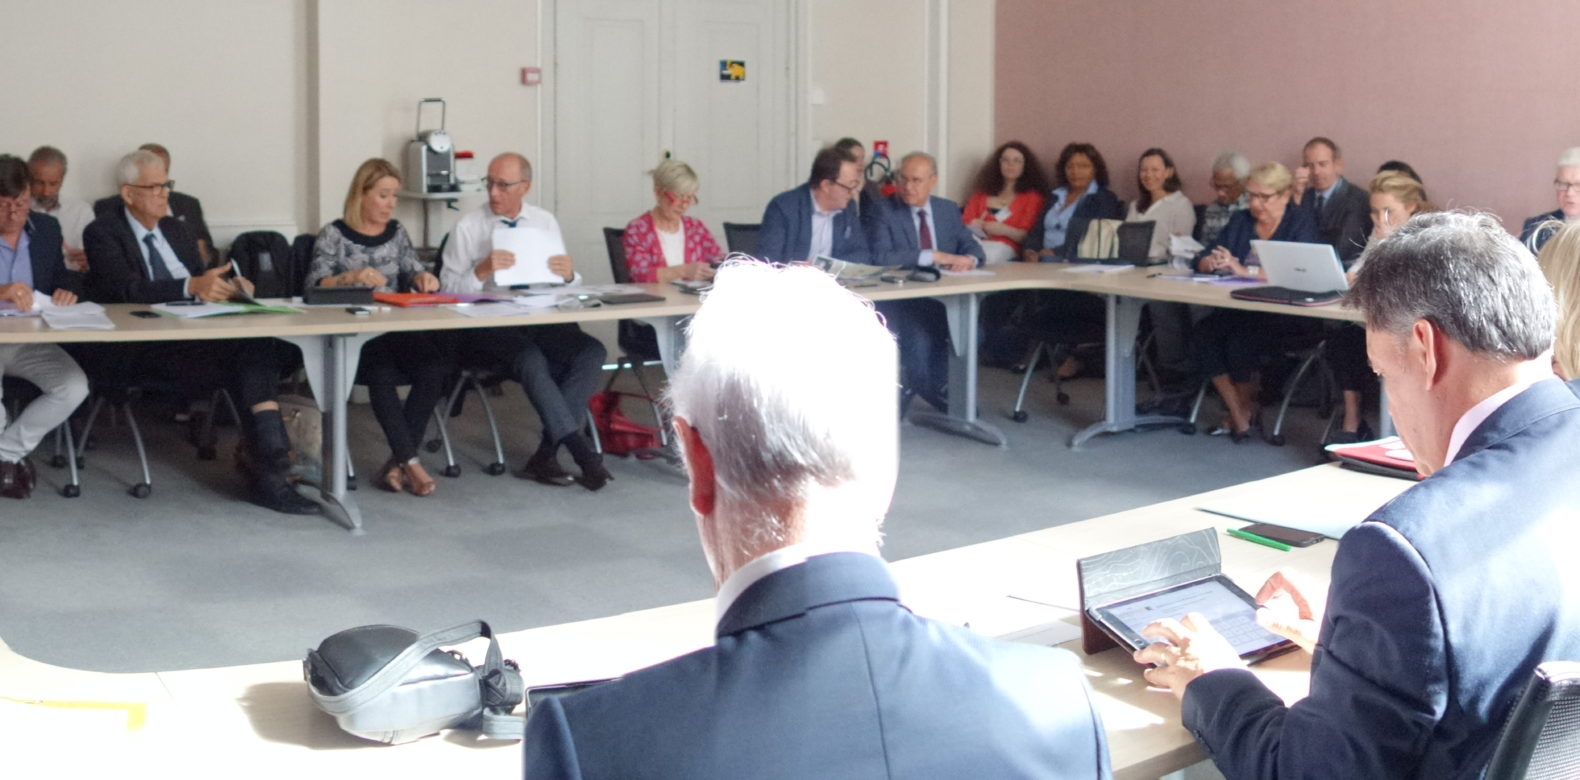 Remise du Livre blanc des Ceser sur l'évaluation des politiques publiques régionales